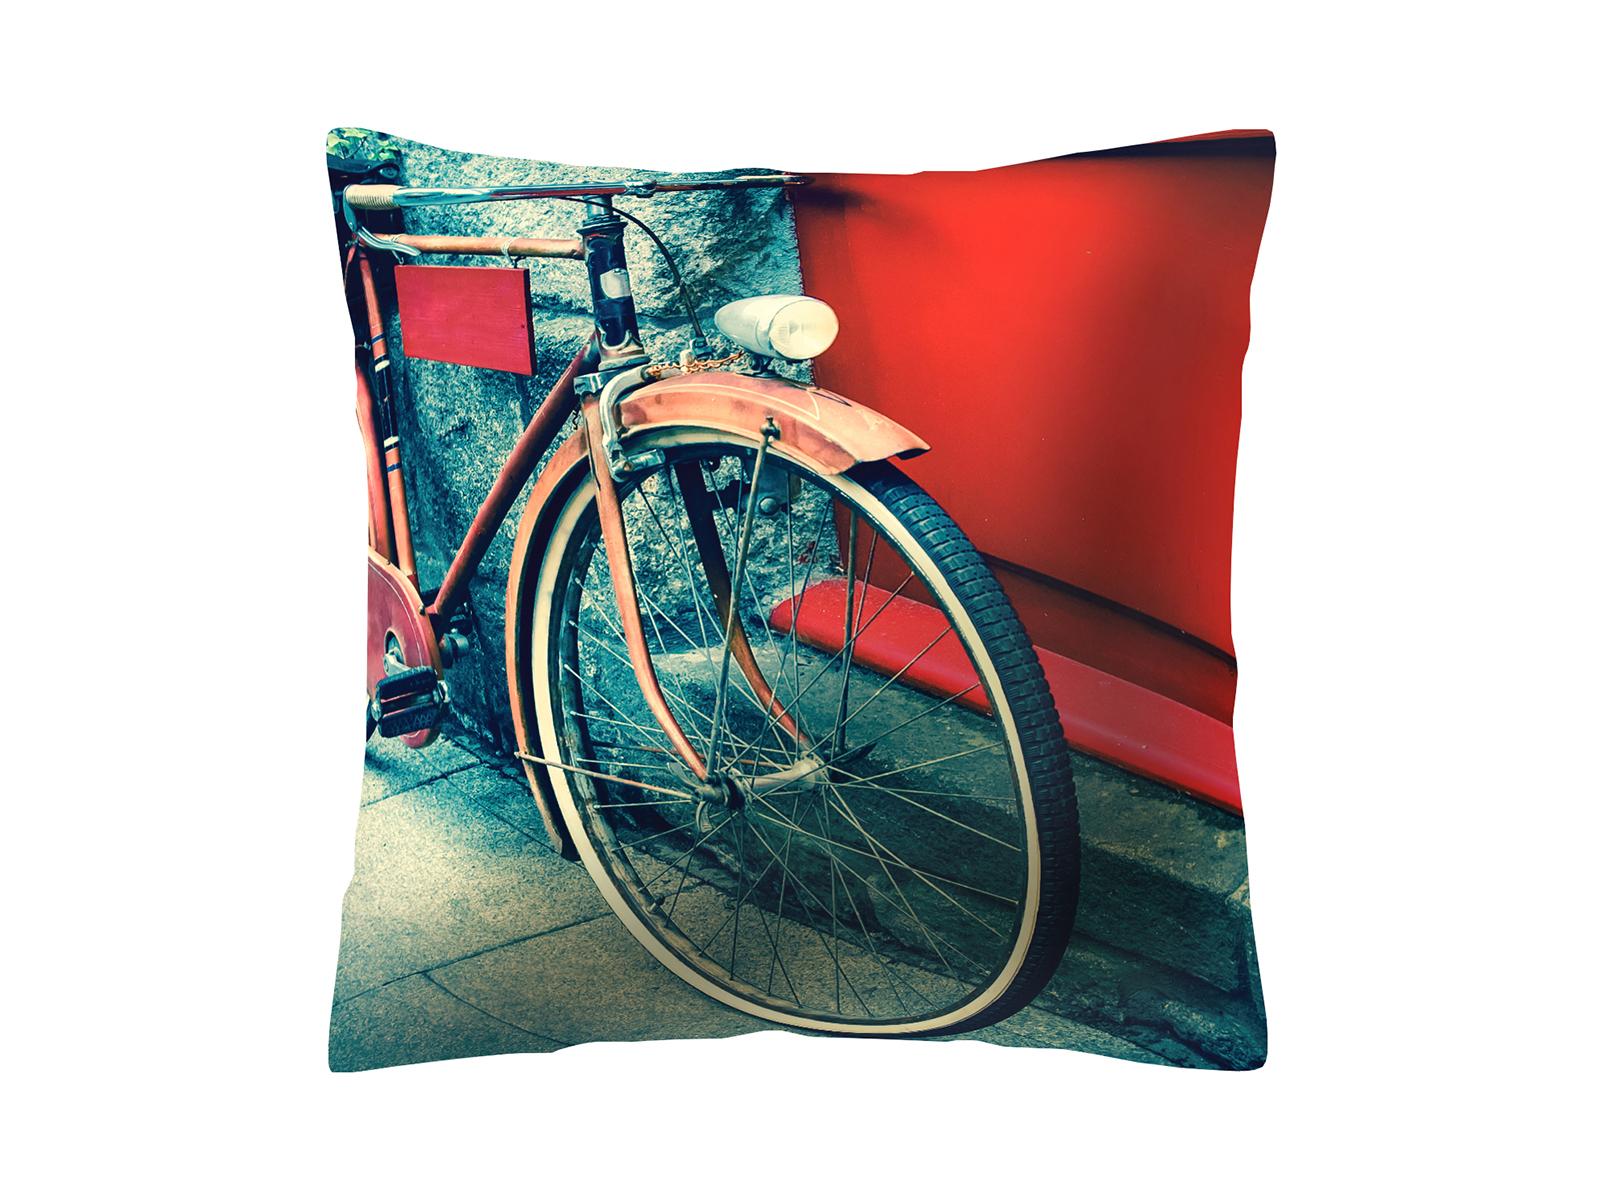 Подушка BicycleДекоративные подушки<br>Декоративная подушка со съемным чехлом<br>